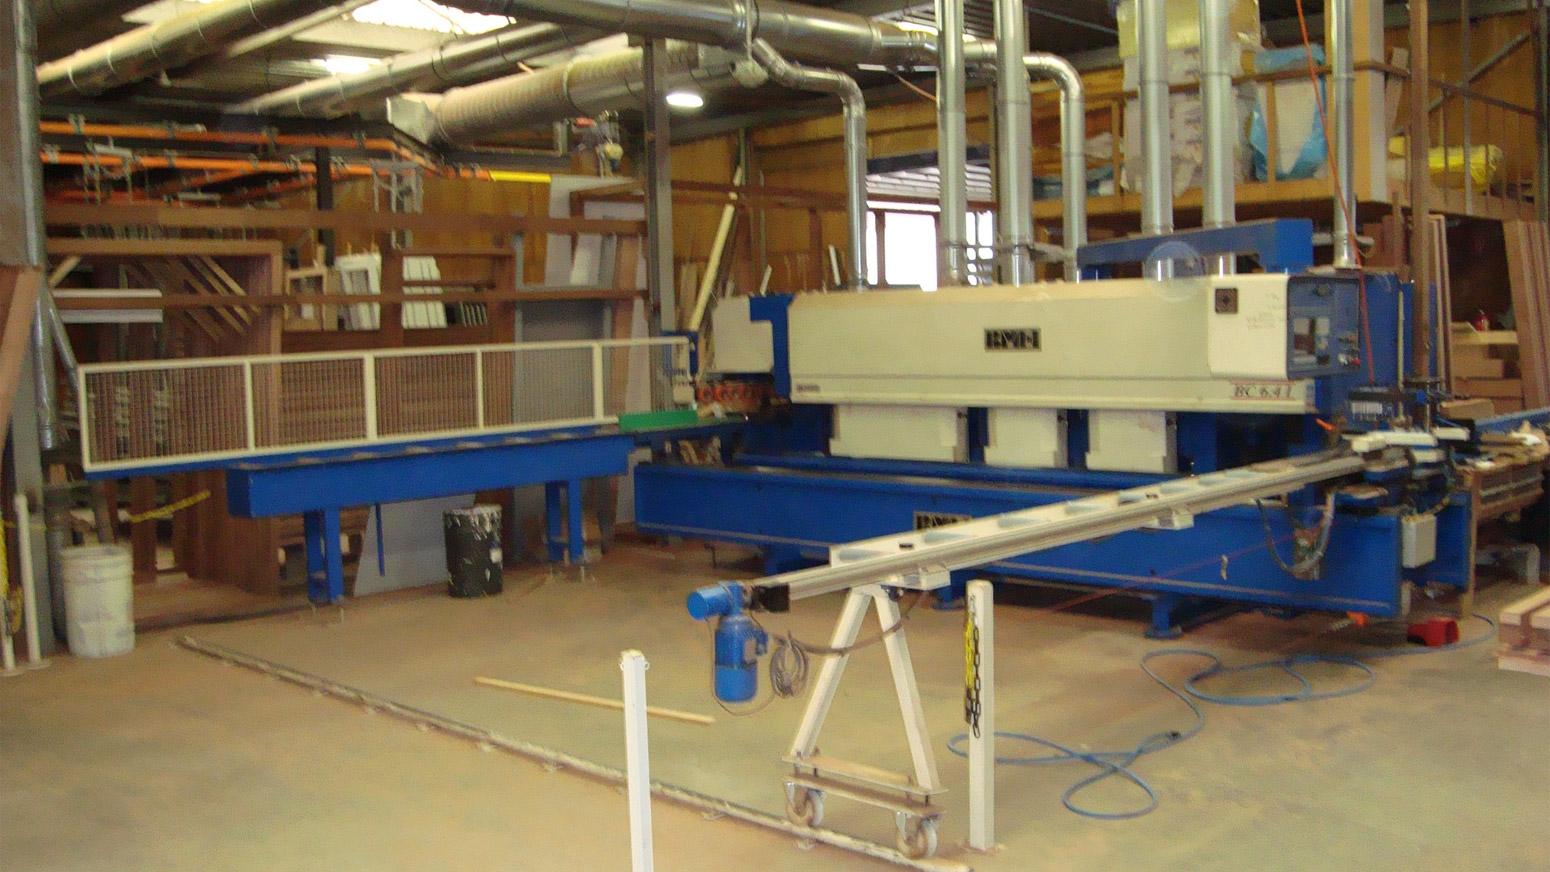 Werkplaats Timmerfabriek Lancel B.V. In Hoogerheide